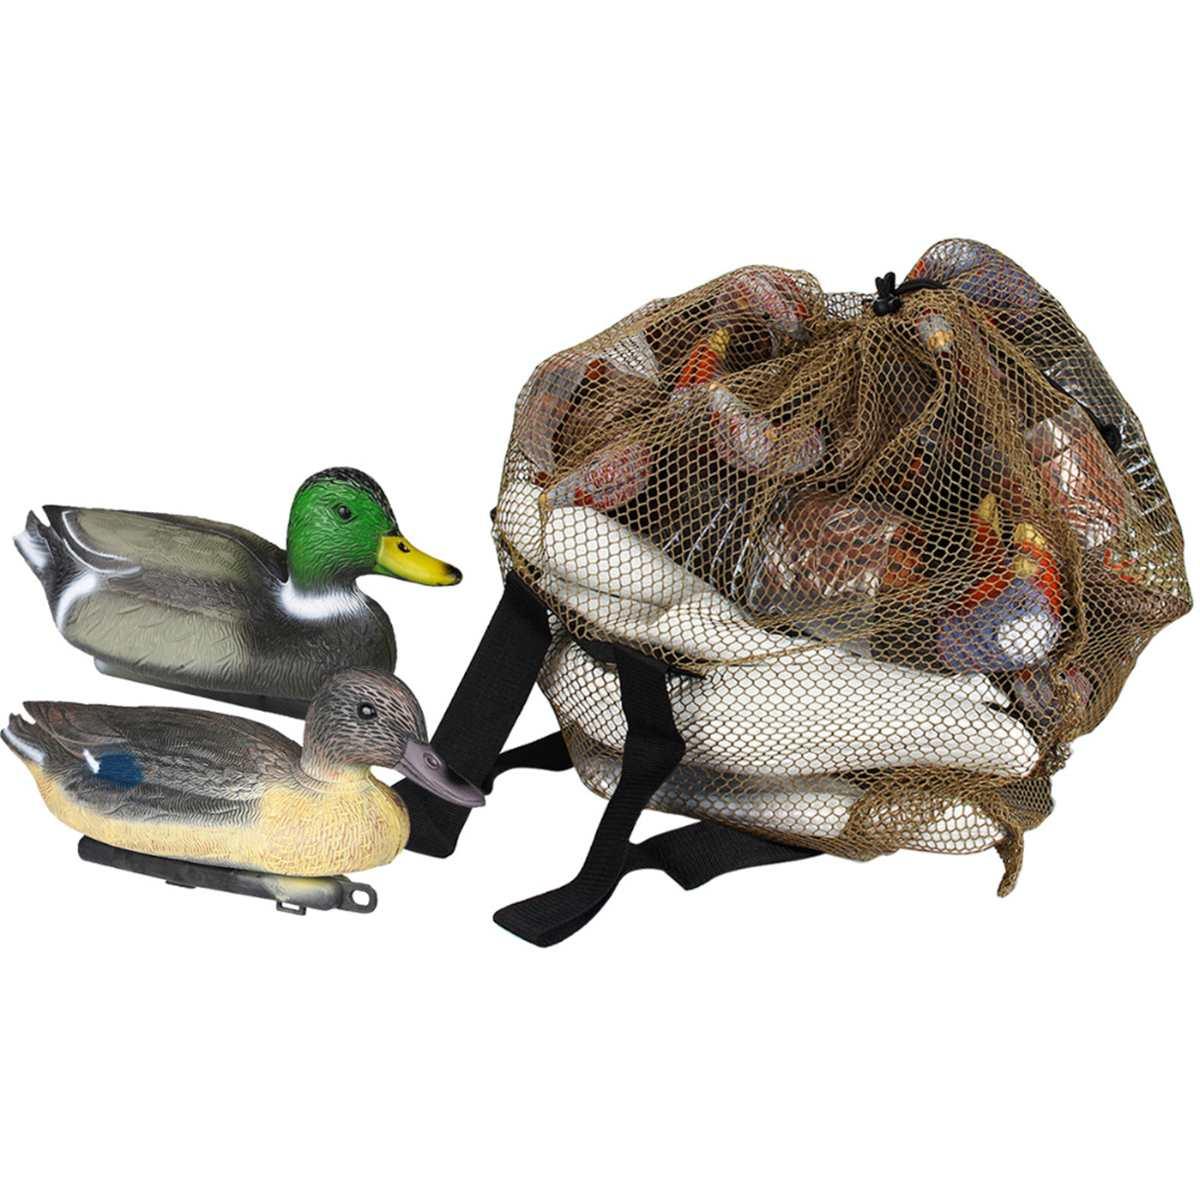 Creative Duck Decoys Bag With Shoulder Straps Mesh Backpack Decoy Bag Goose Turkey Carry Large Decoy Storage Net Bag For Hunting